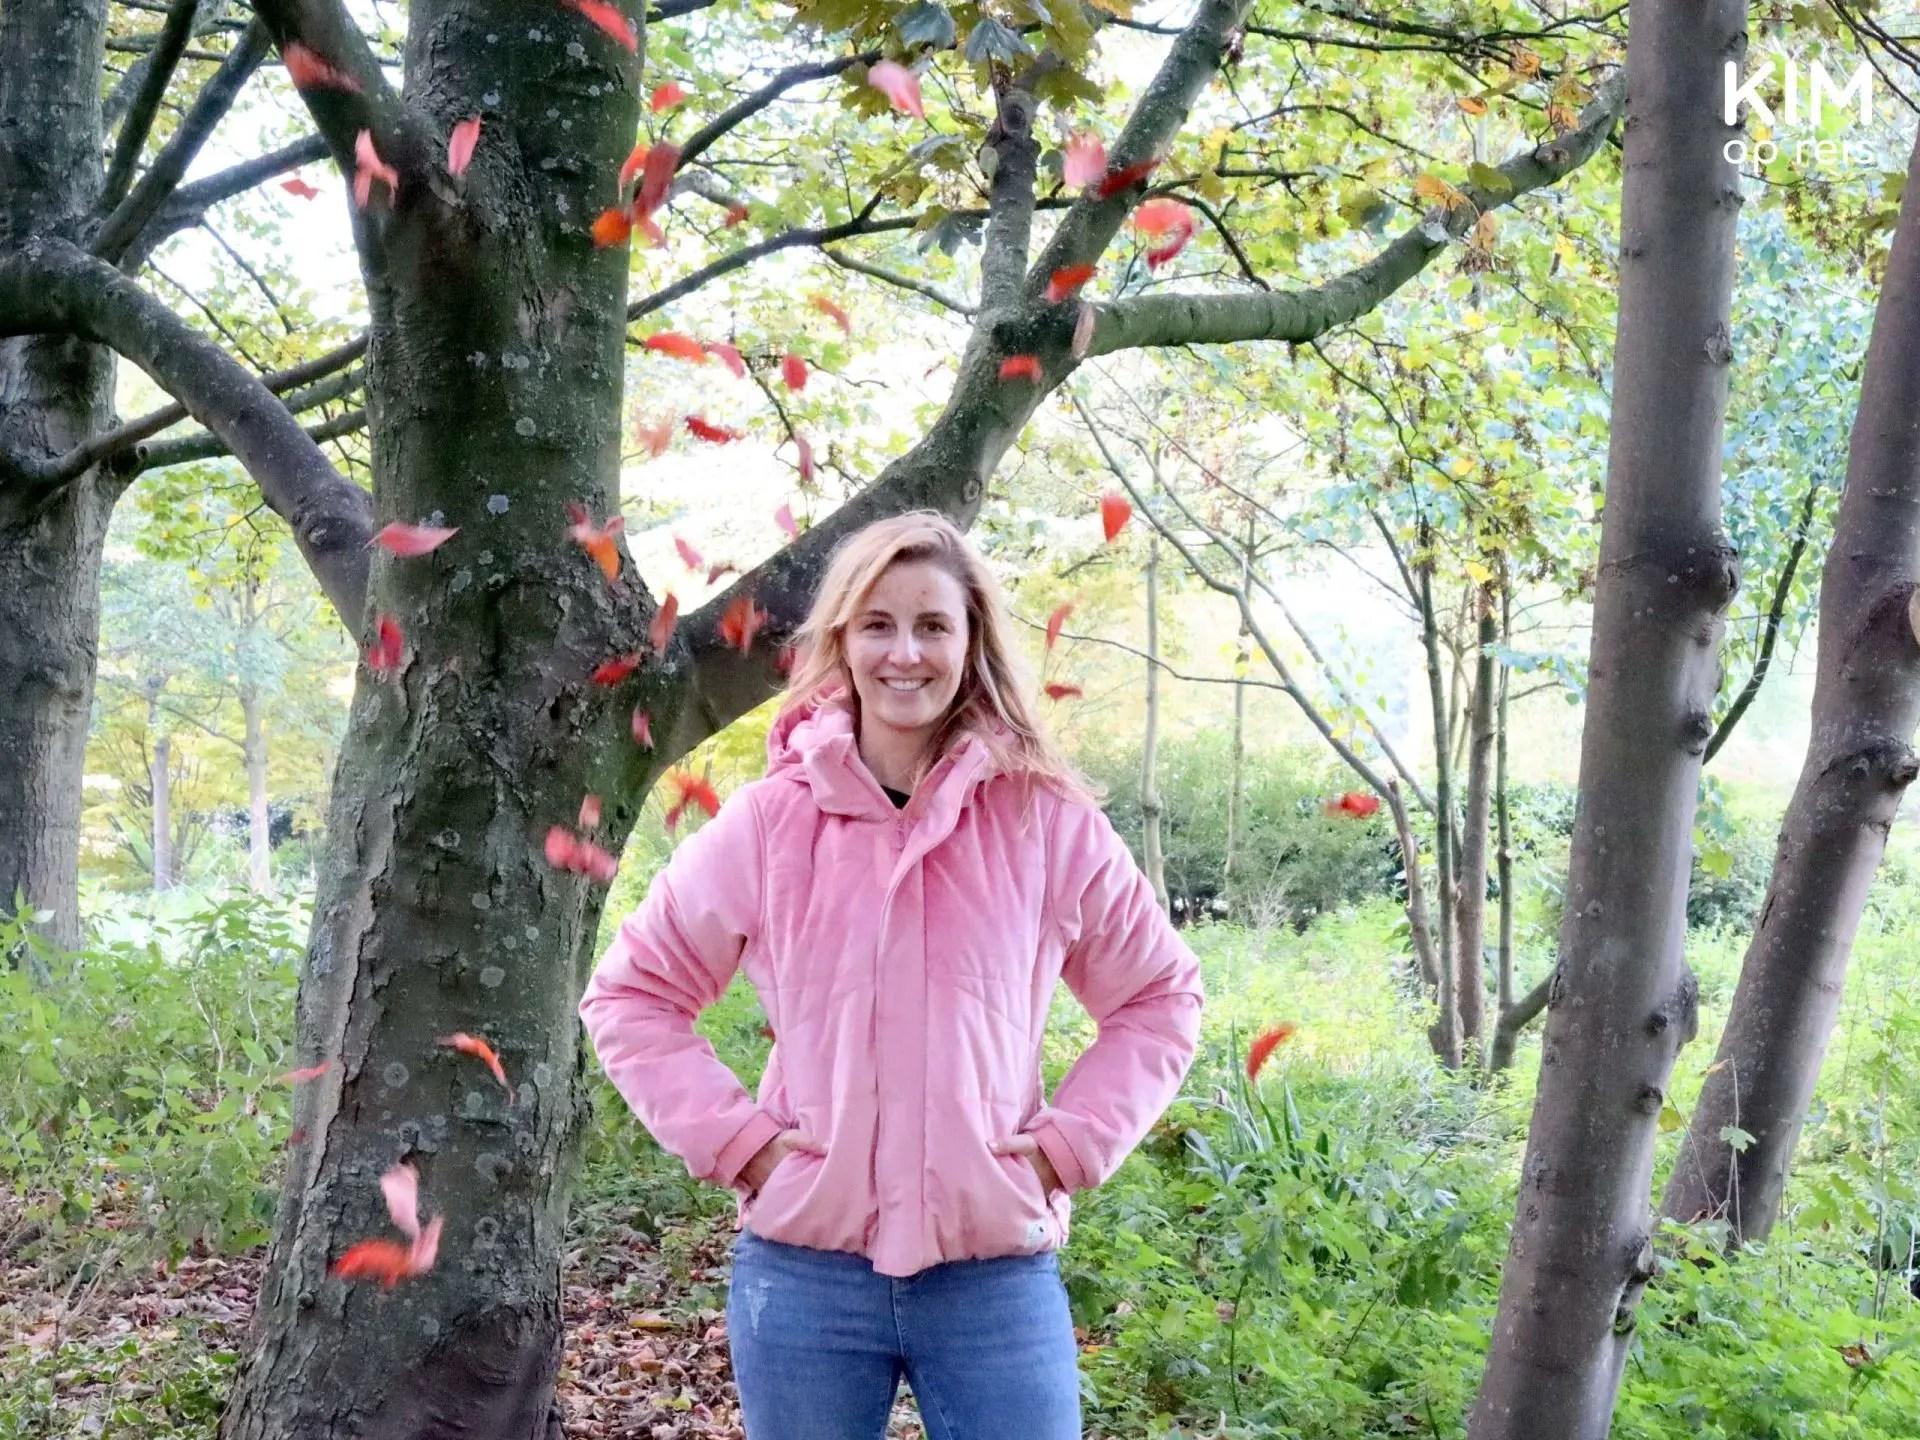 Duurzame winterjas Protest: Kim in roze Diva winterjas in een herfstig bos